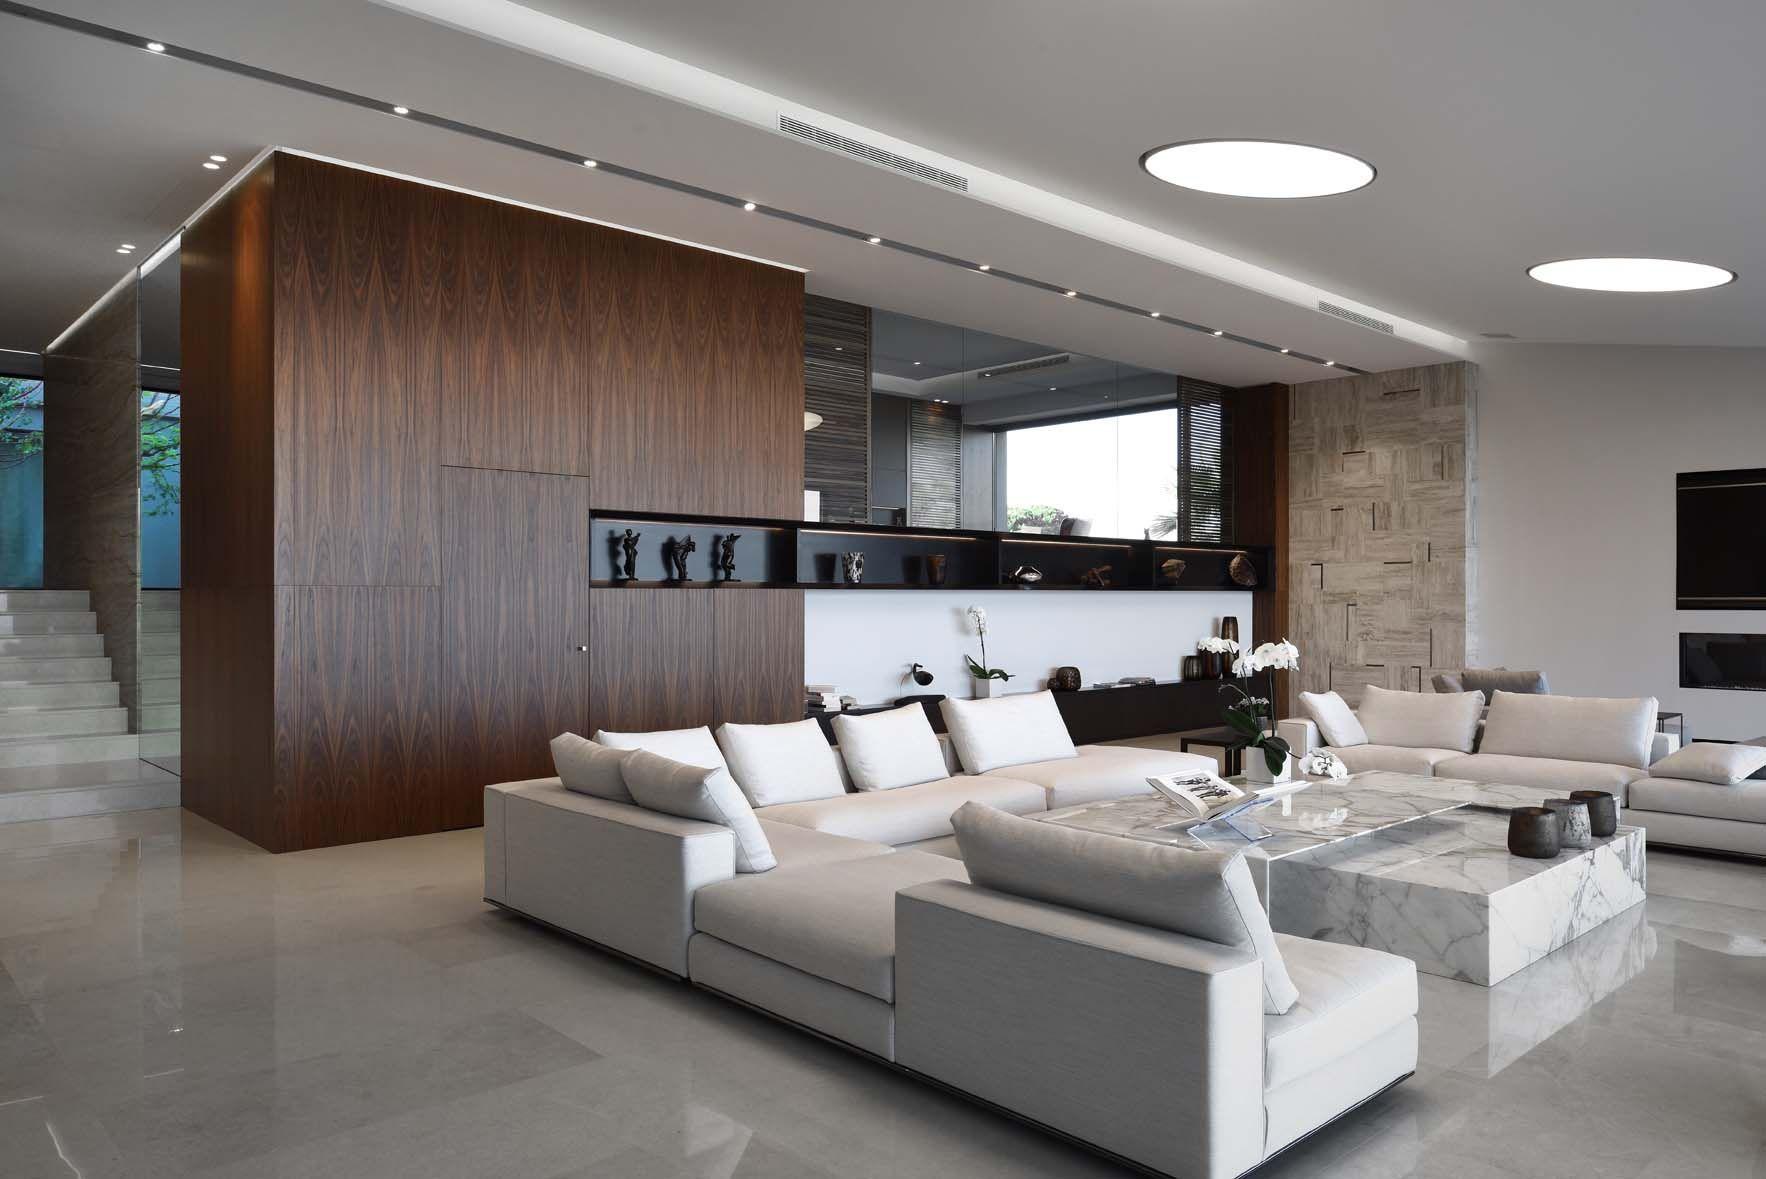 Architecte D Intérieur Cannes villa k.super cannes - studio guilhem - architecture d